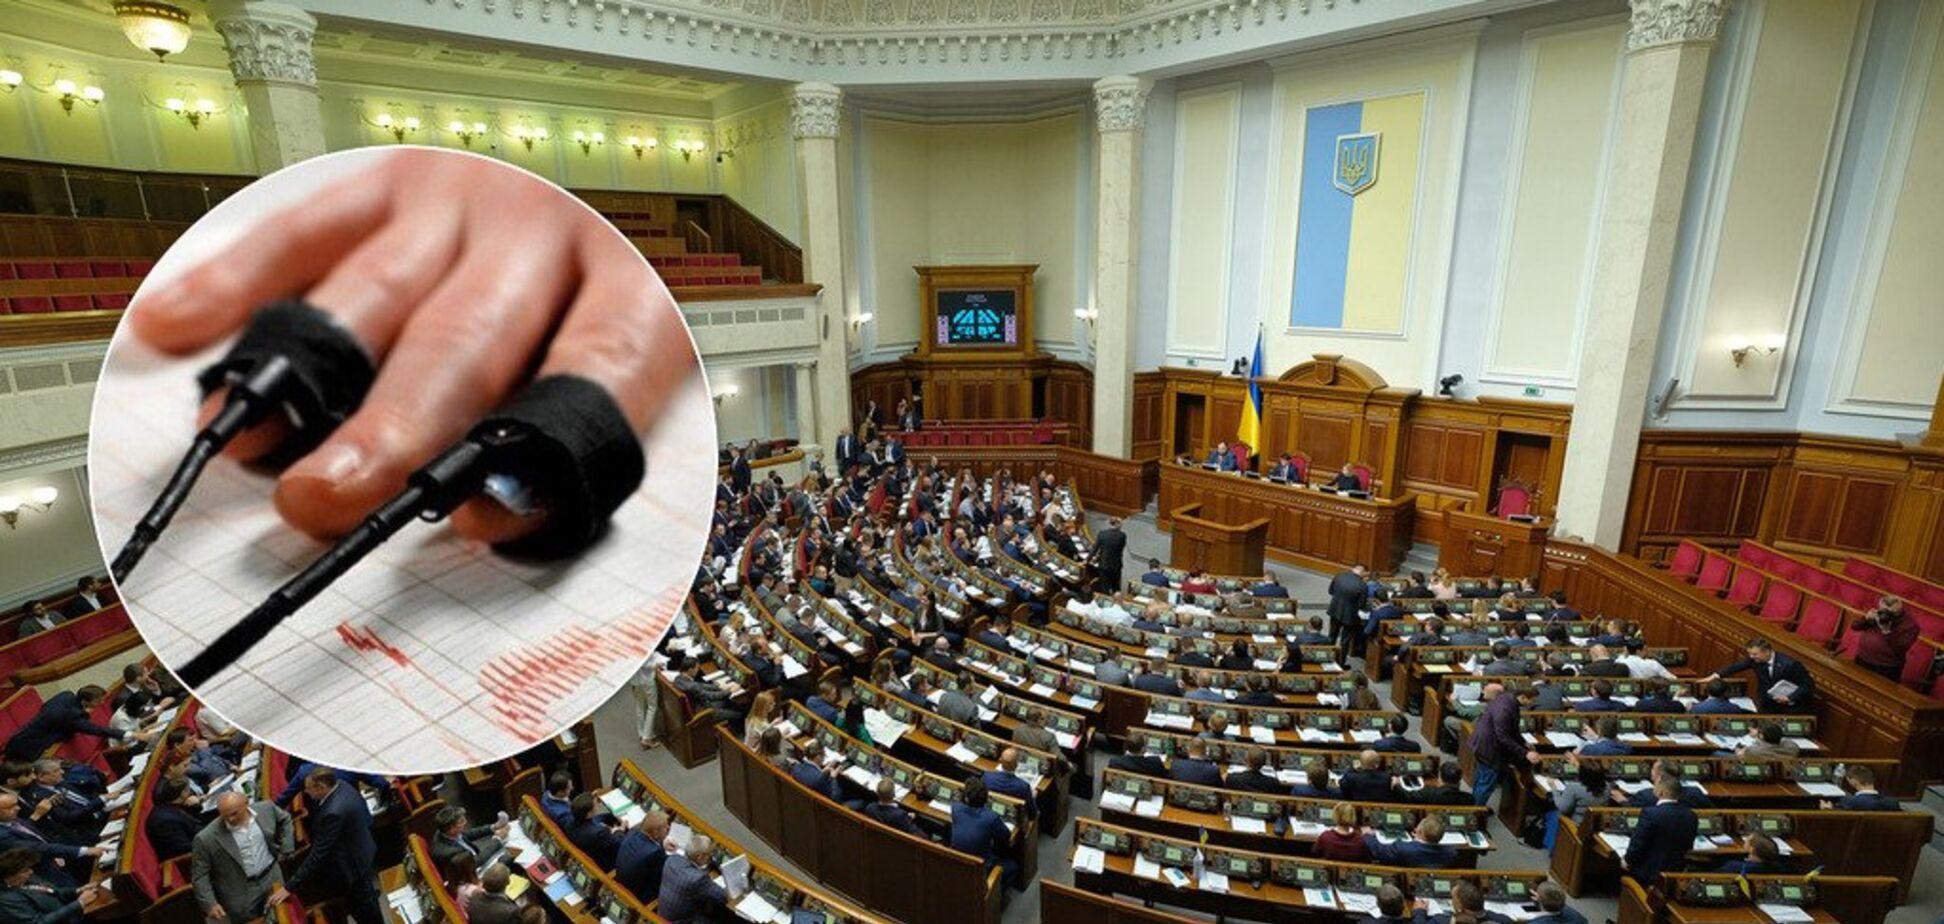 Детектор лжи 'Слуги народа': почему в Раде заговорили о подкупе нардепов